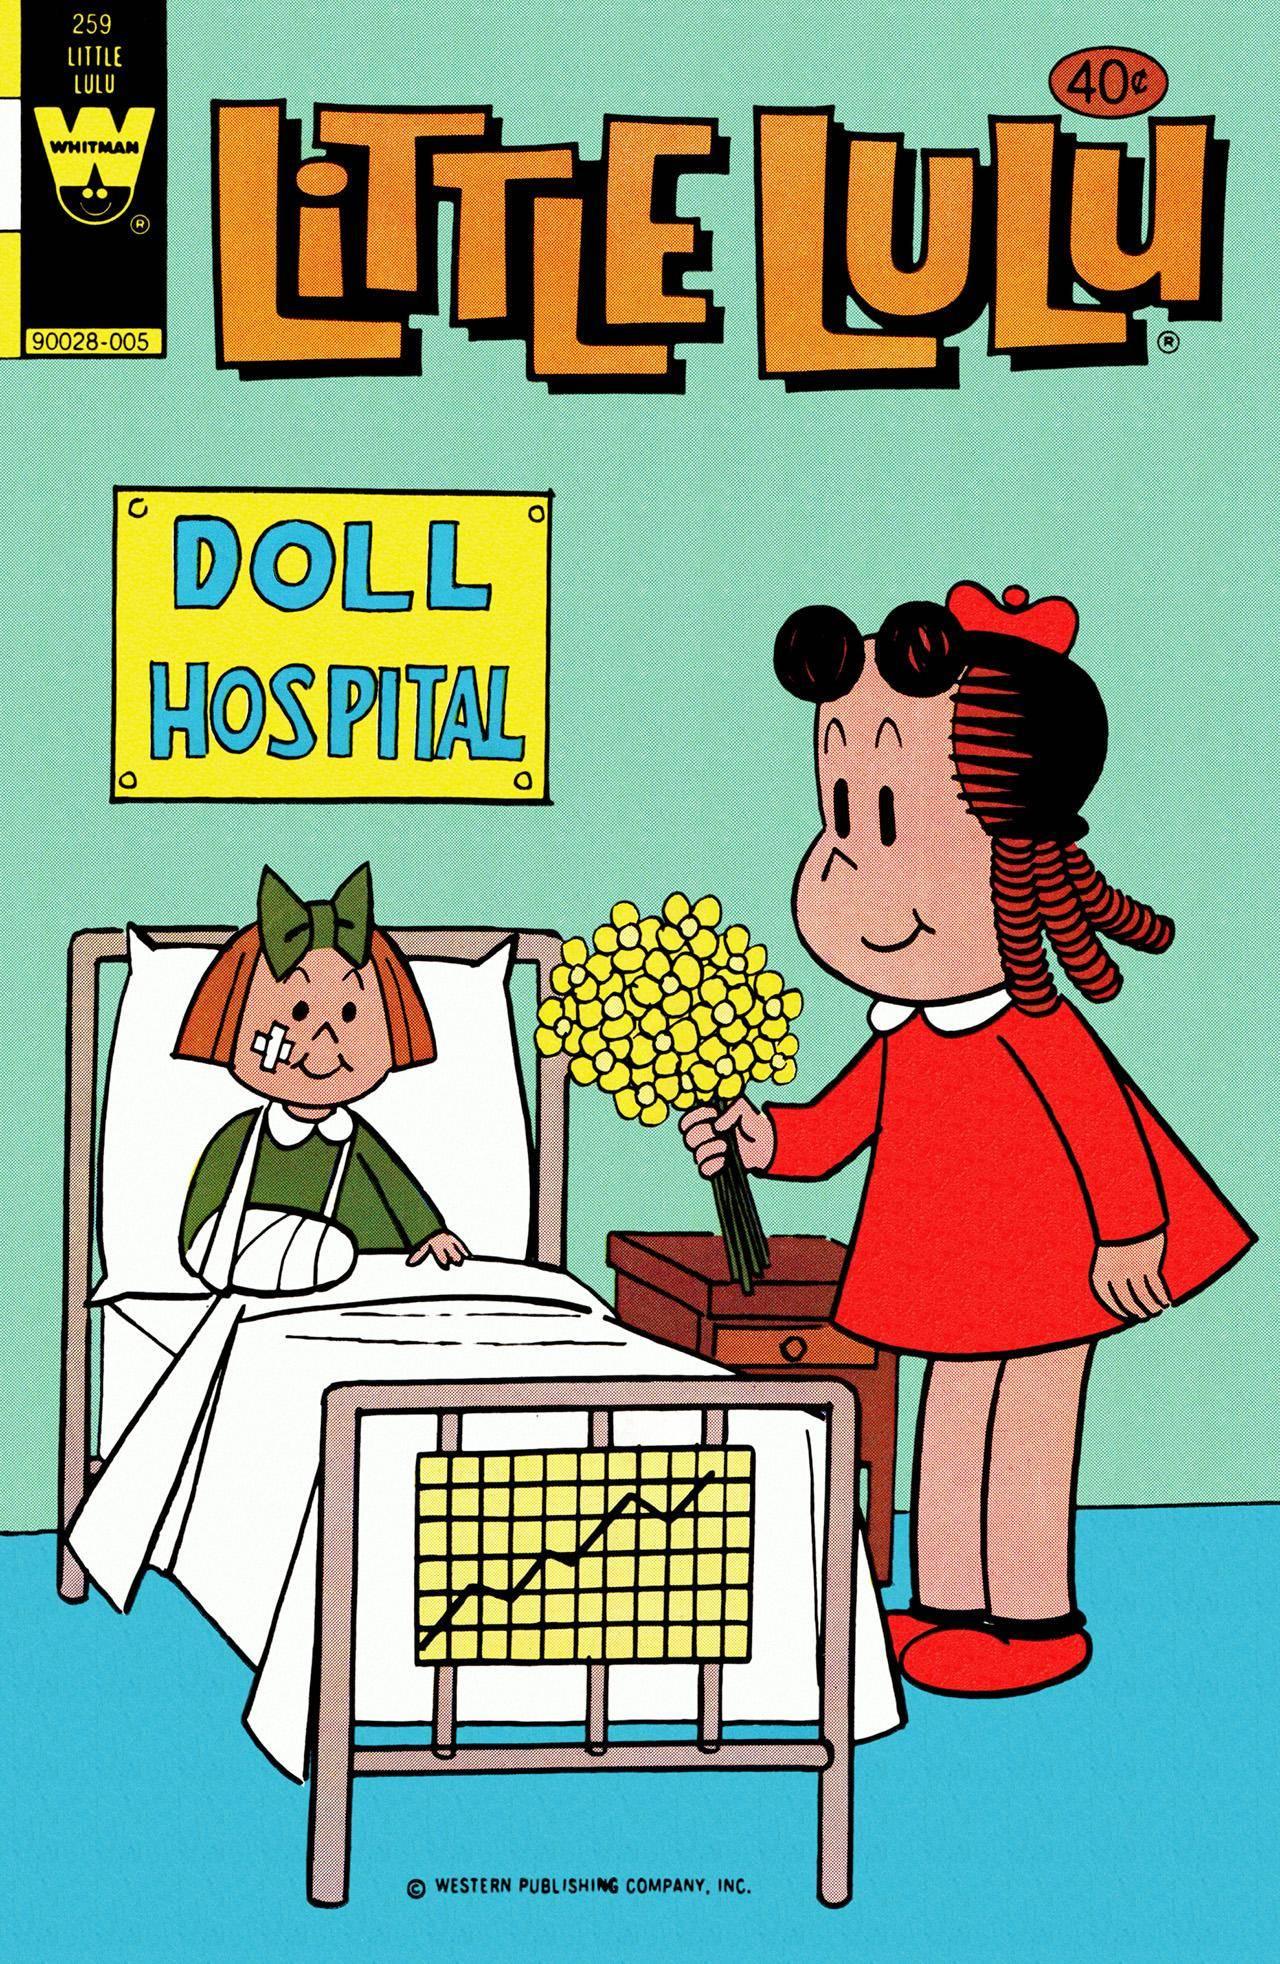 Little Lulu 1980-05 259